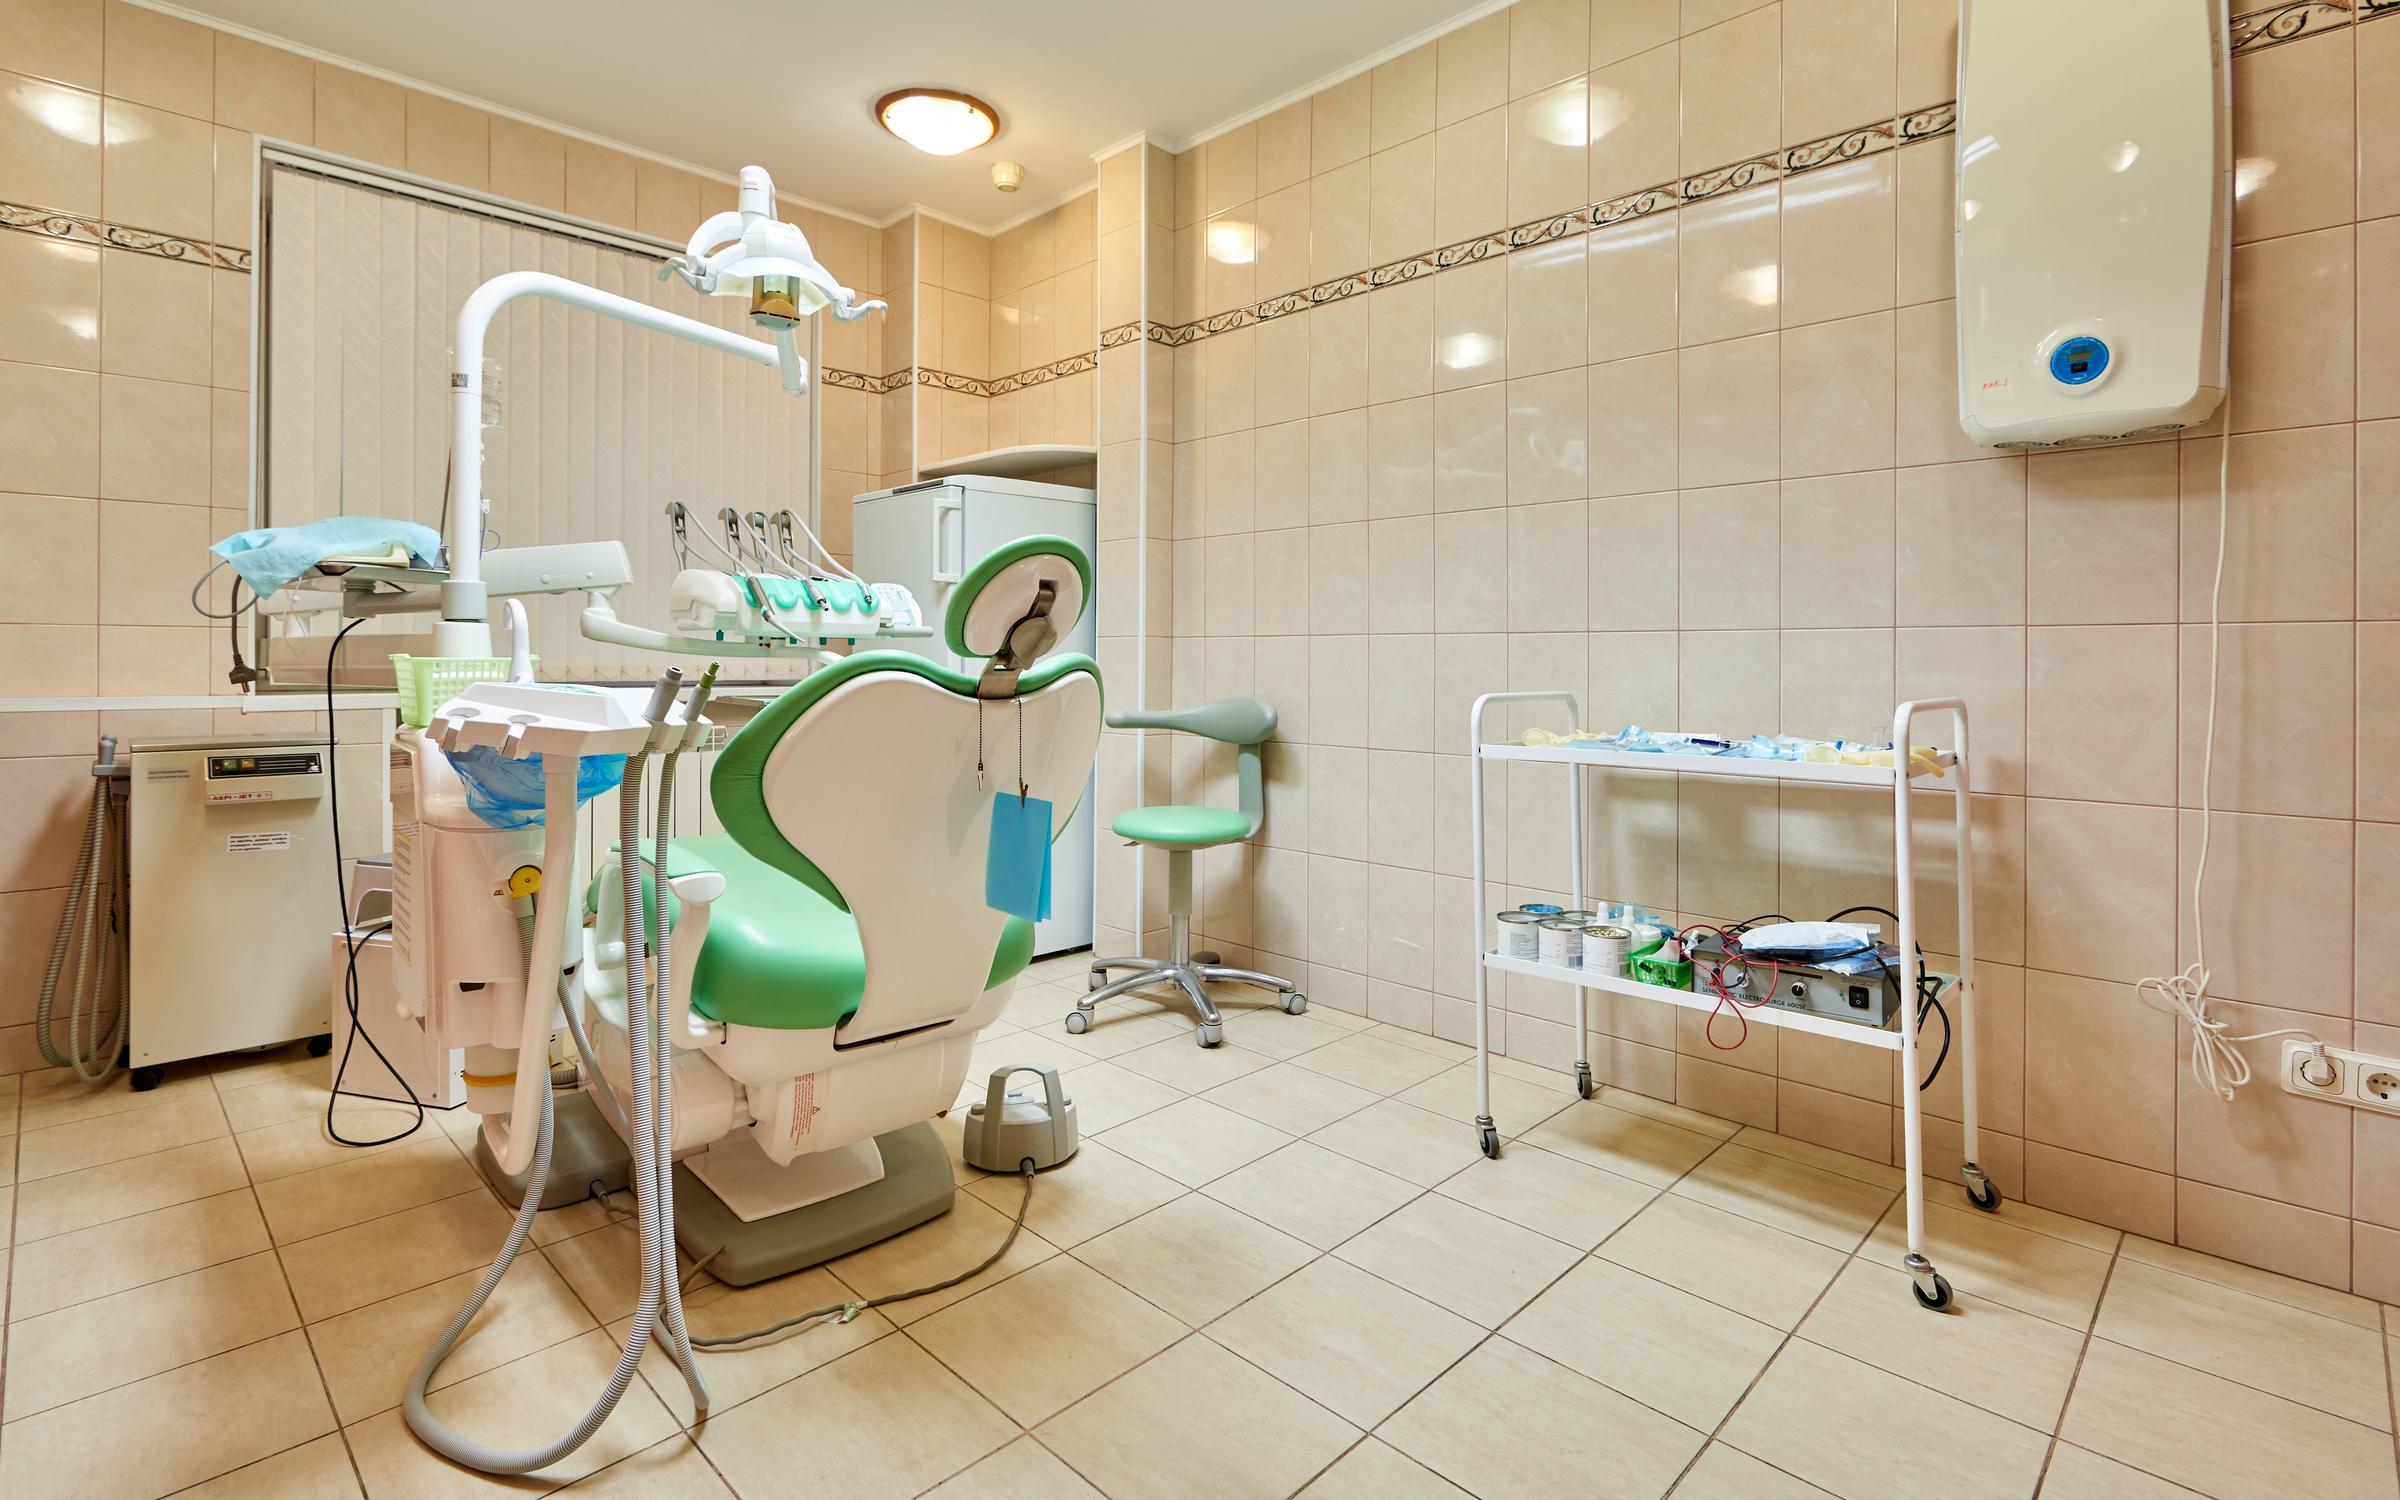 фотография Центра имплантации и стоматологии ИНТАН на проспекте Просвещения